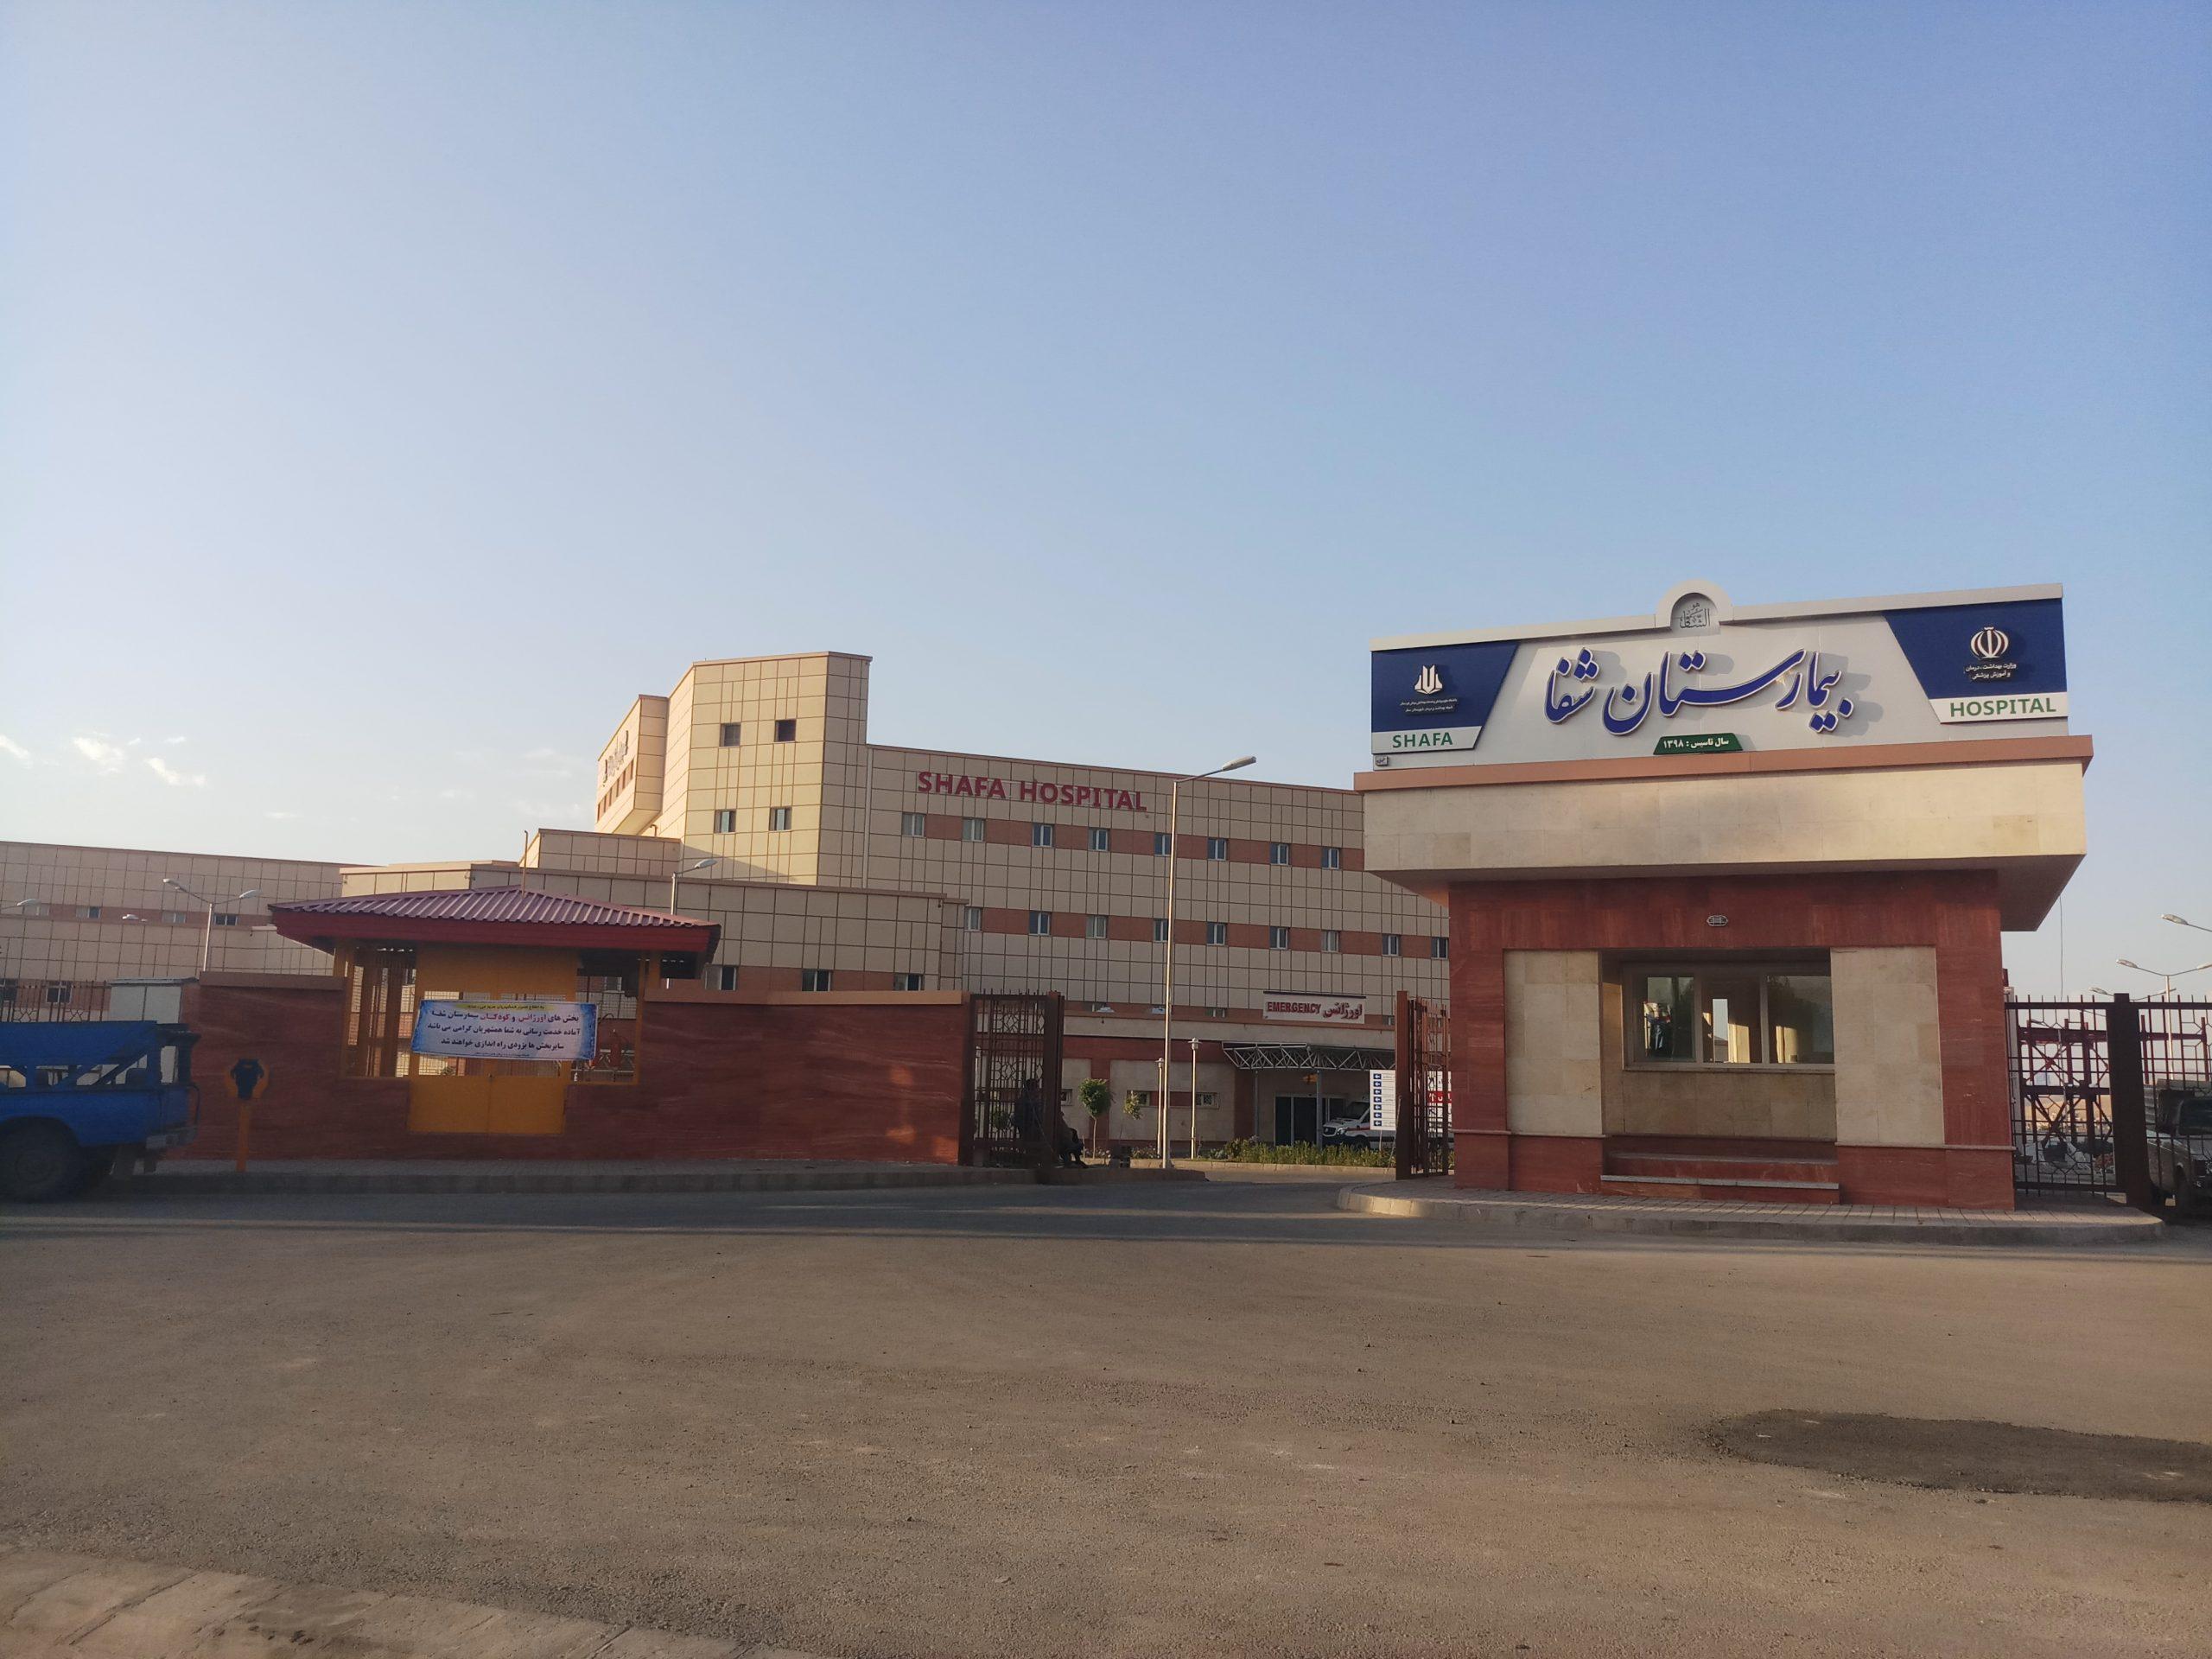 لزوم تجهیز و جذب امکانات مدرن و منابع انسانی متخصص برای بیمارستان شفا